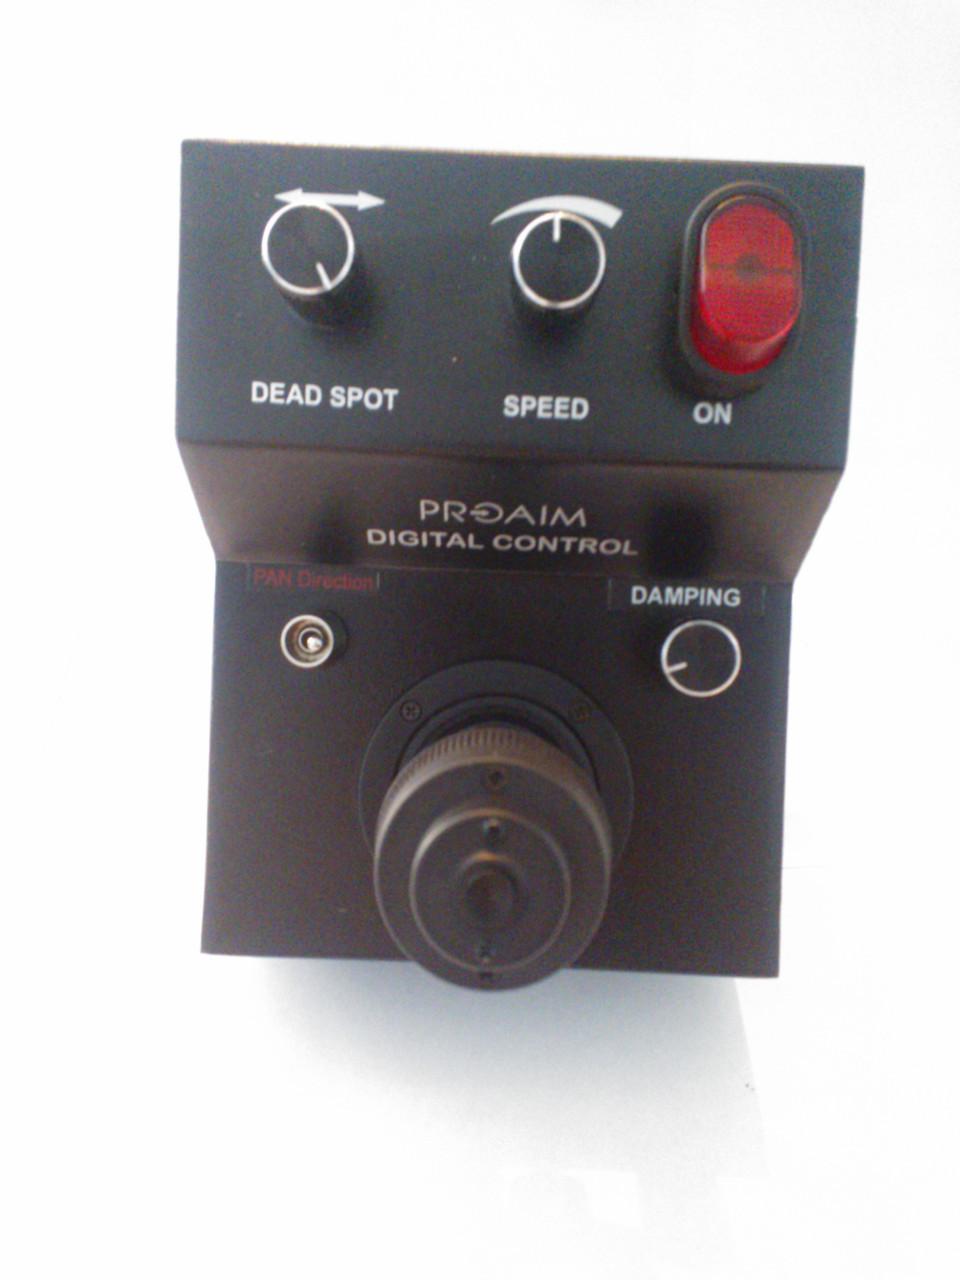 Пульт управление PROIAM без  кабеля питание для Панорамных головок PROIAM